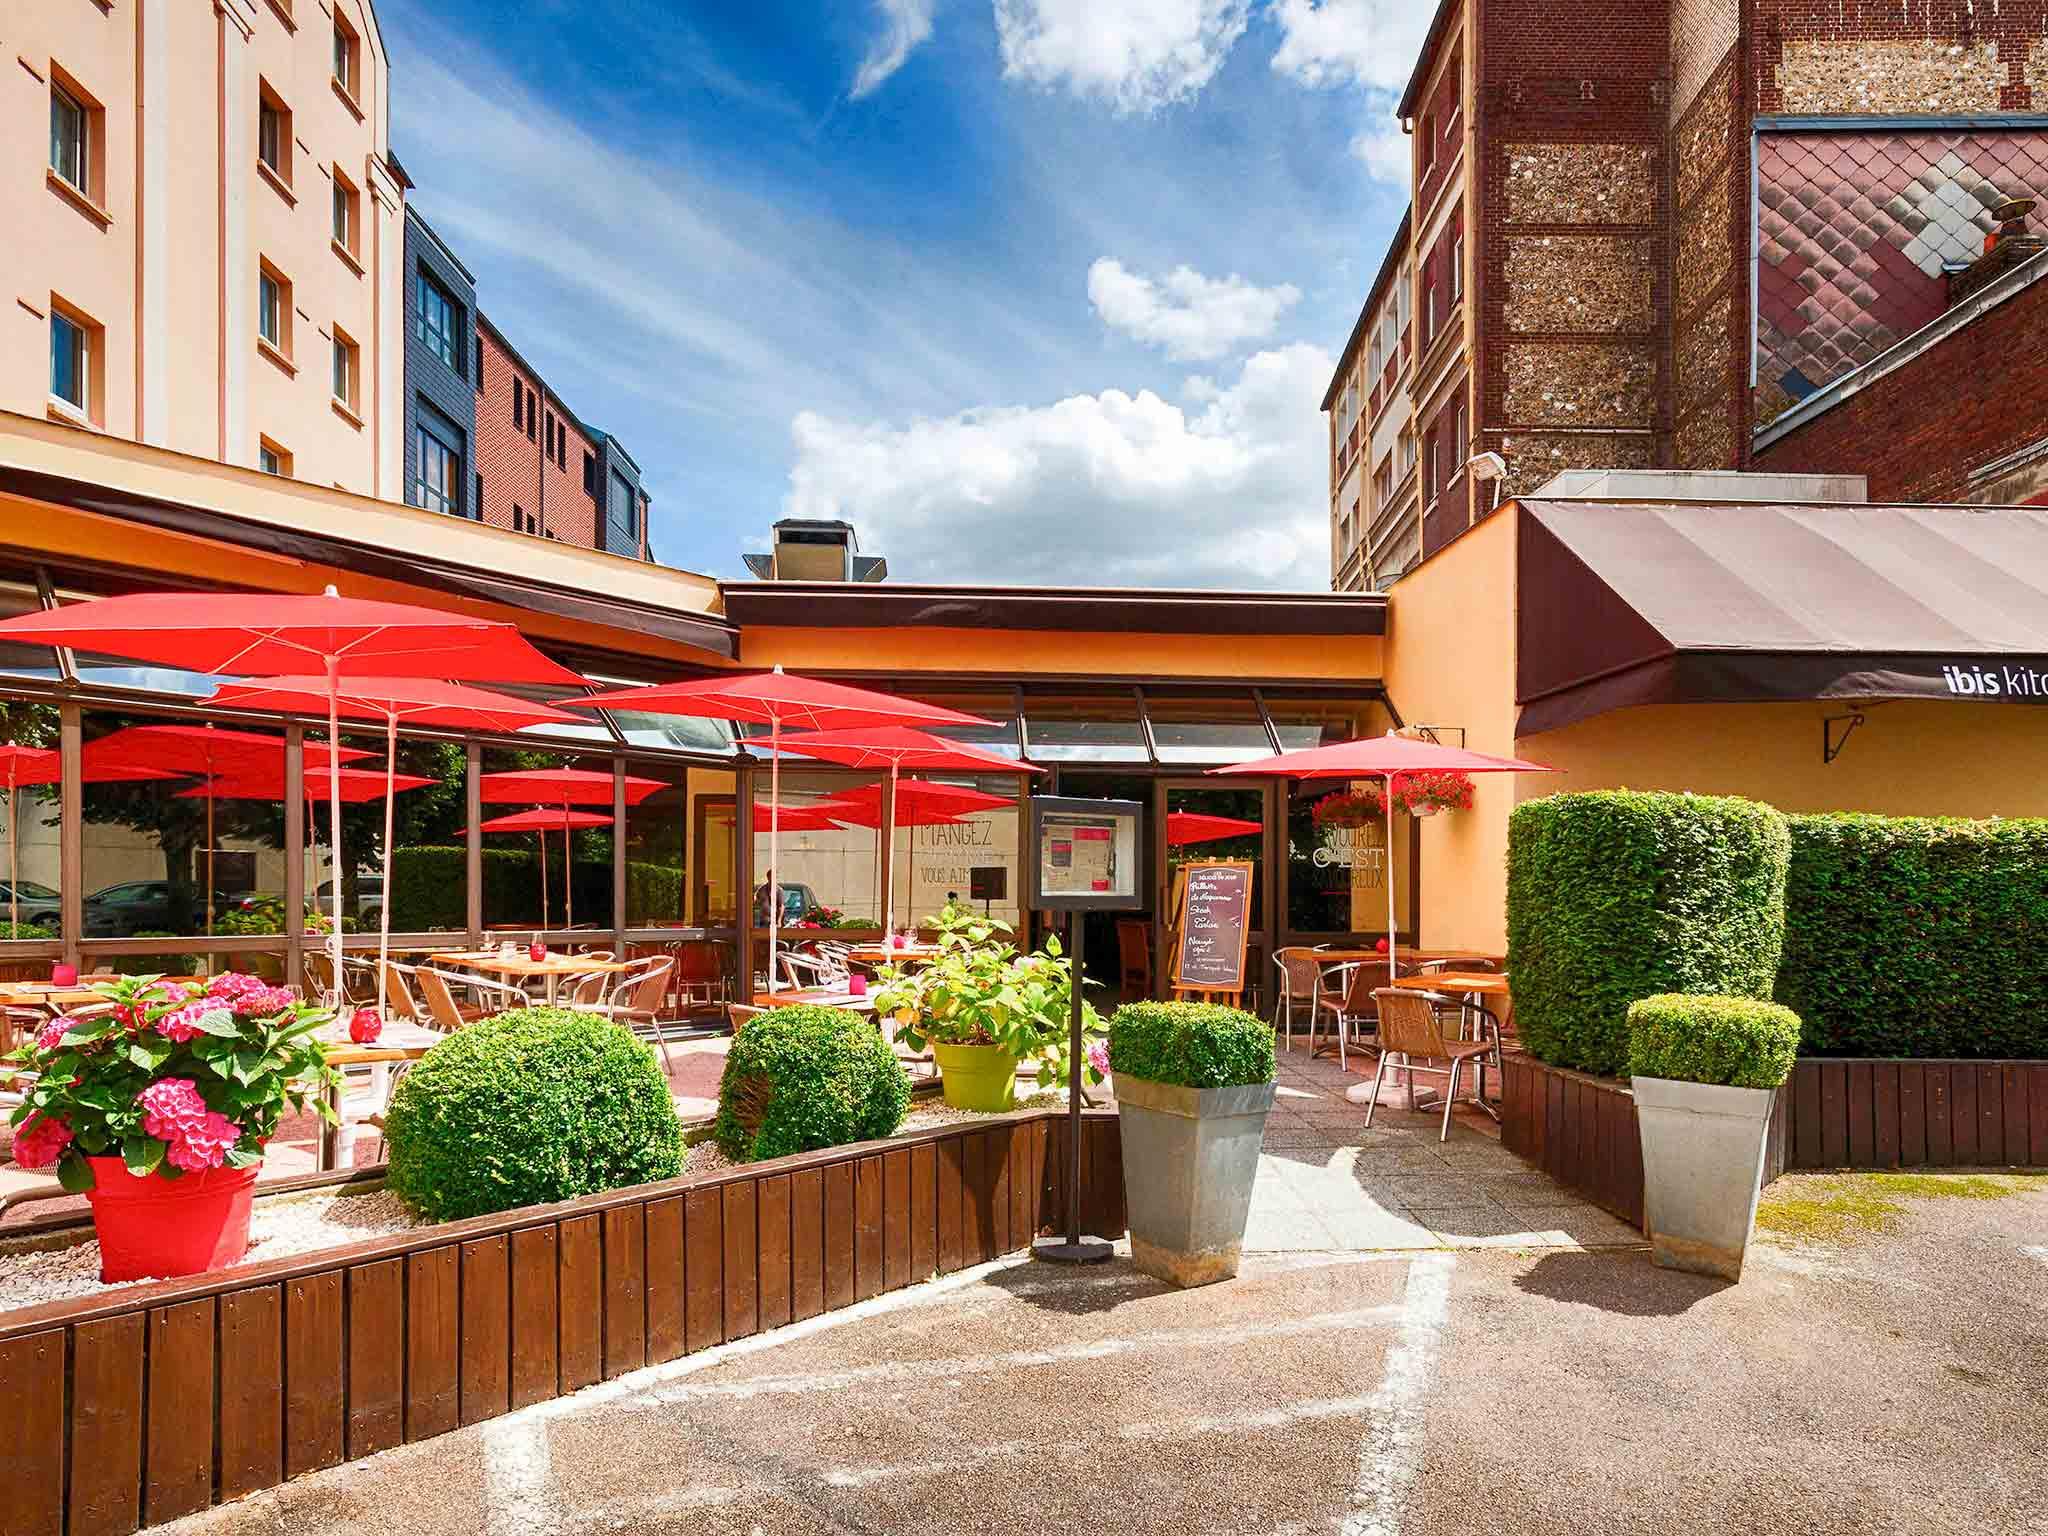 Hotel in rouen ibis rouen centre rive droite for Adagio rouen